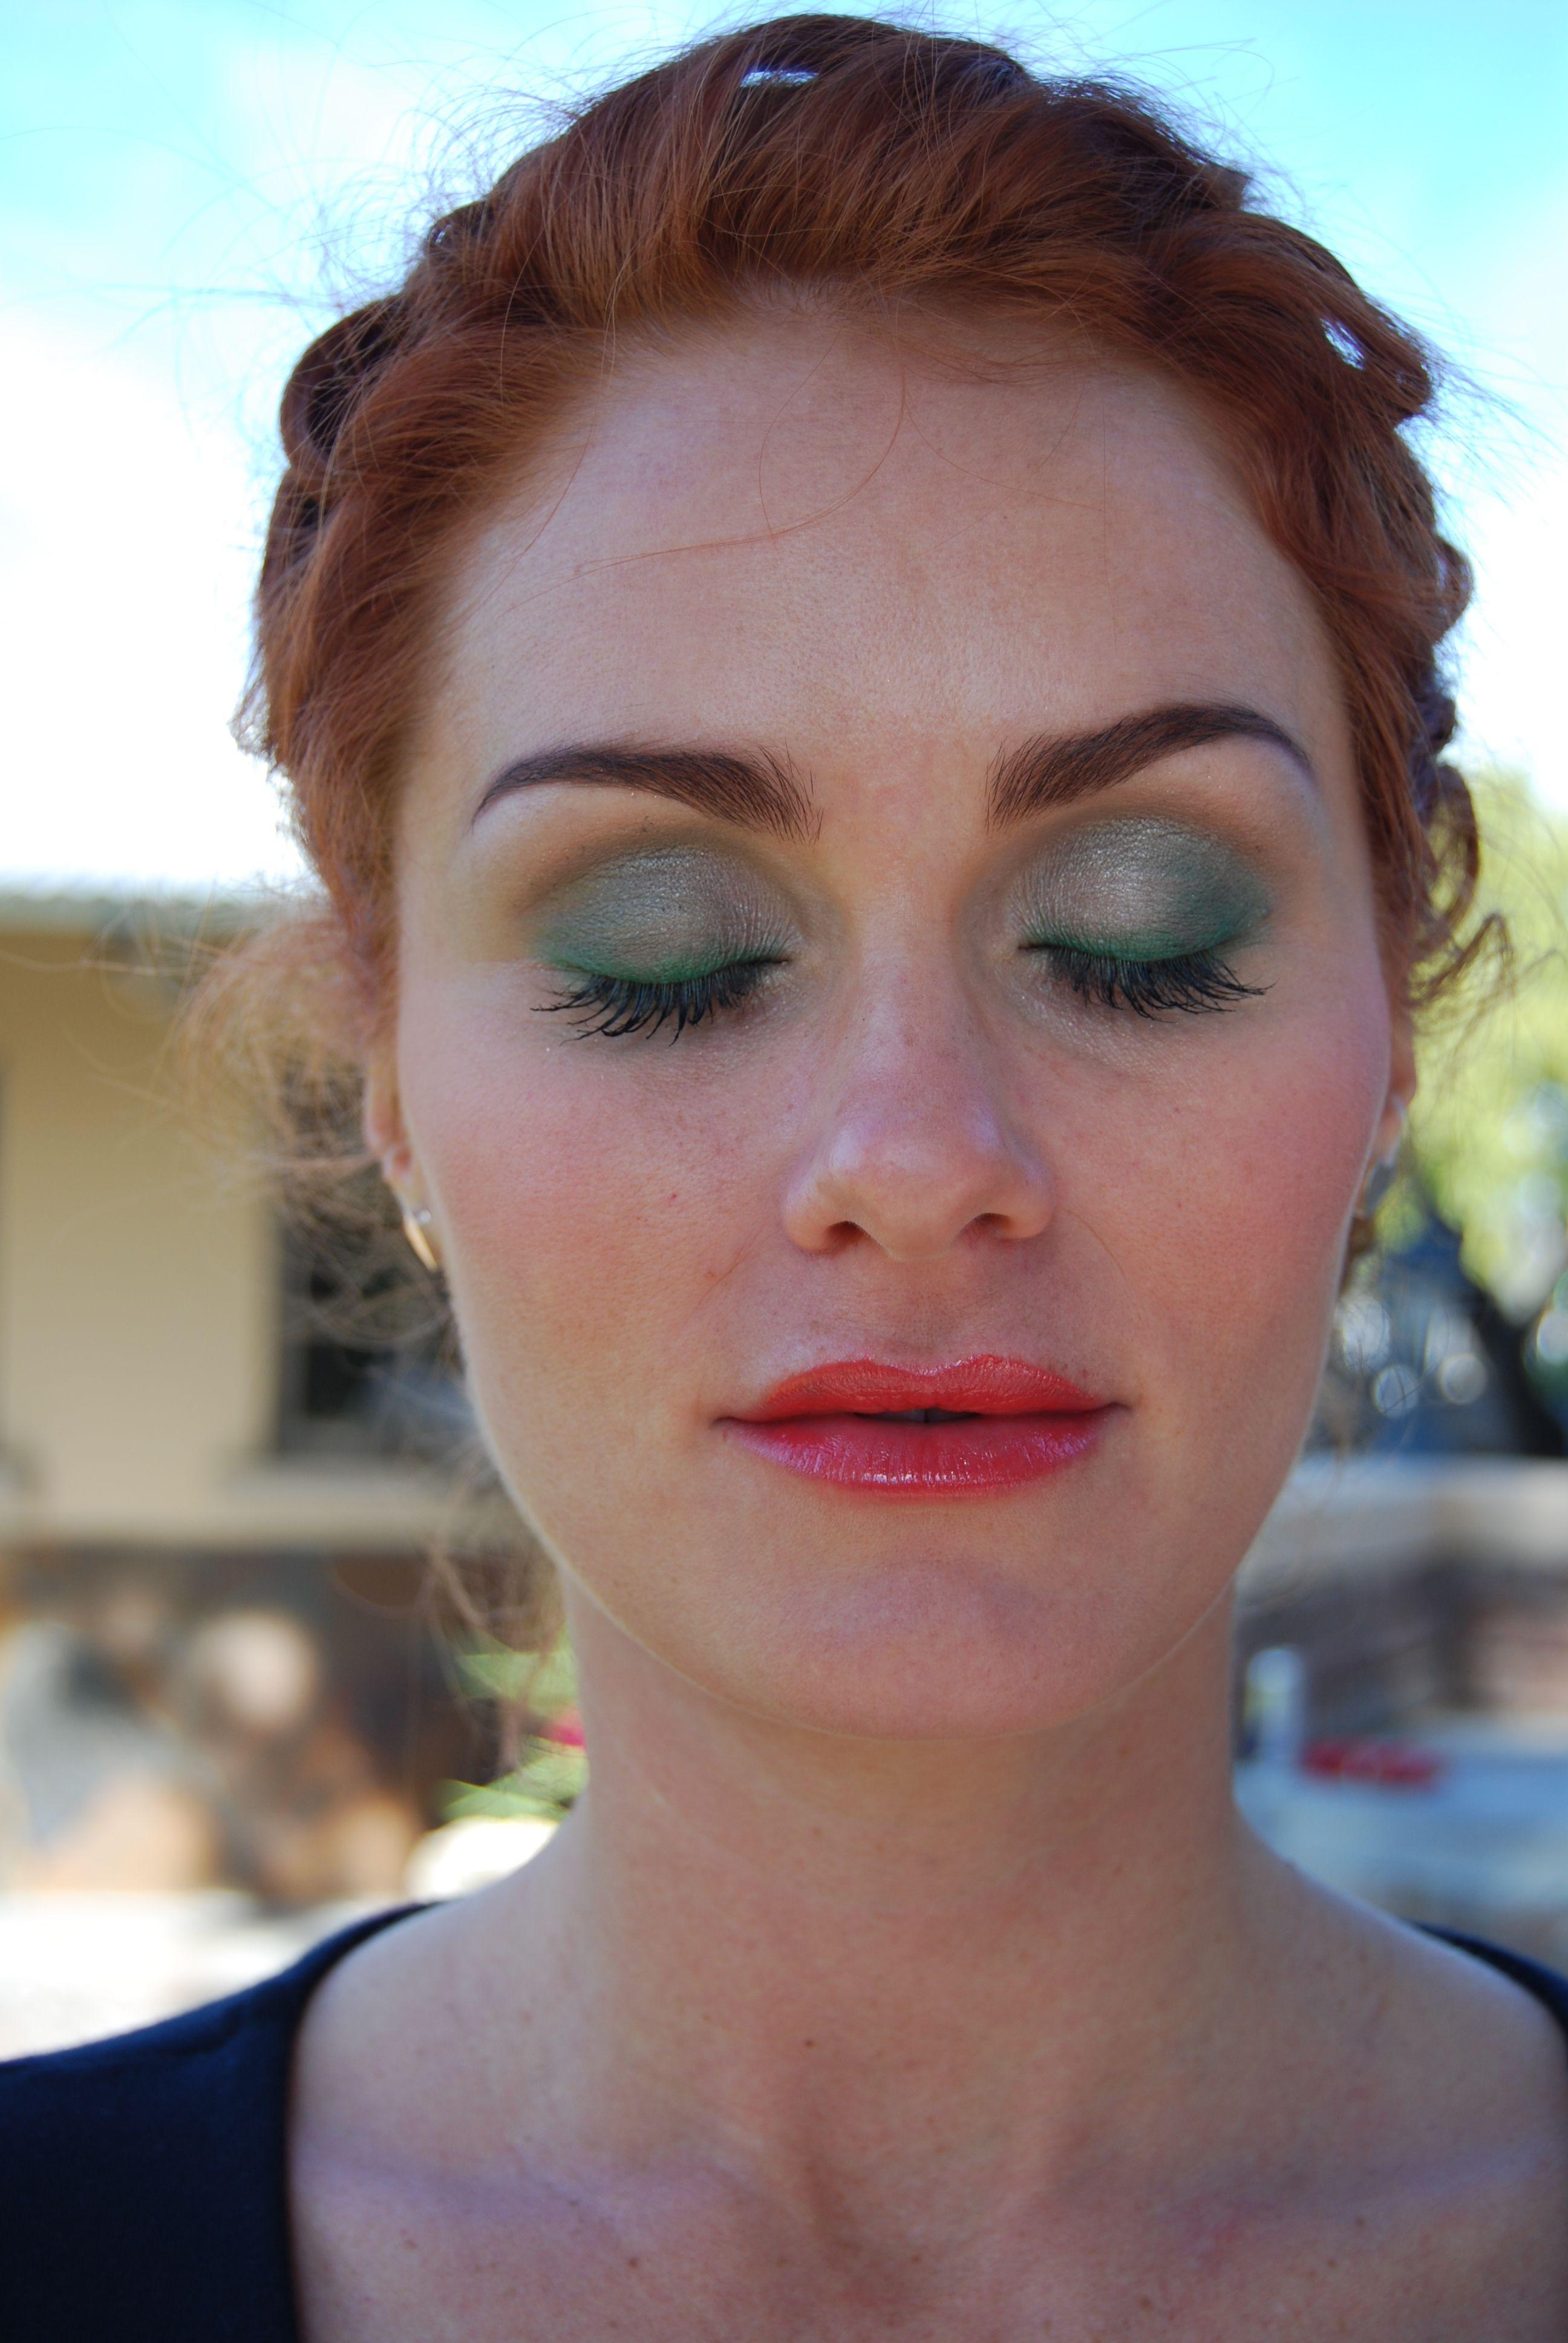 Épinglé par Life in the South Blog sur makeup Ange